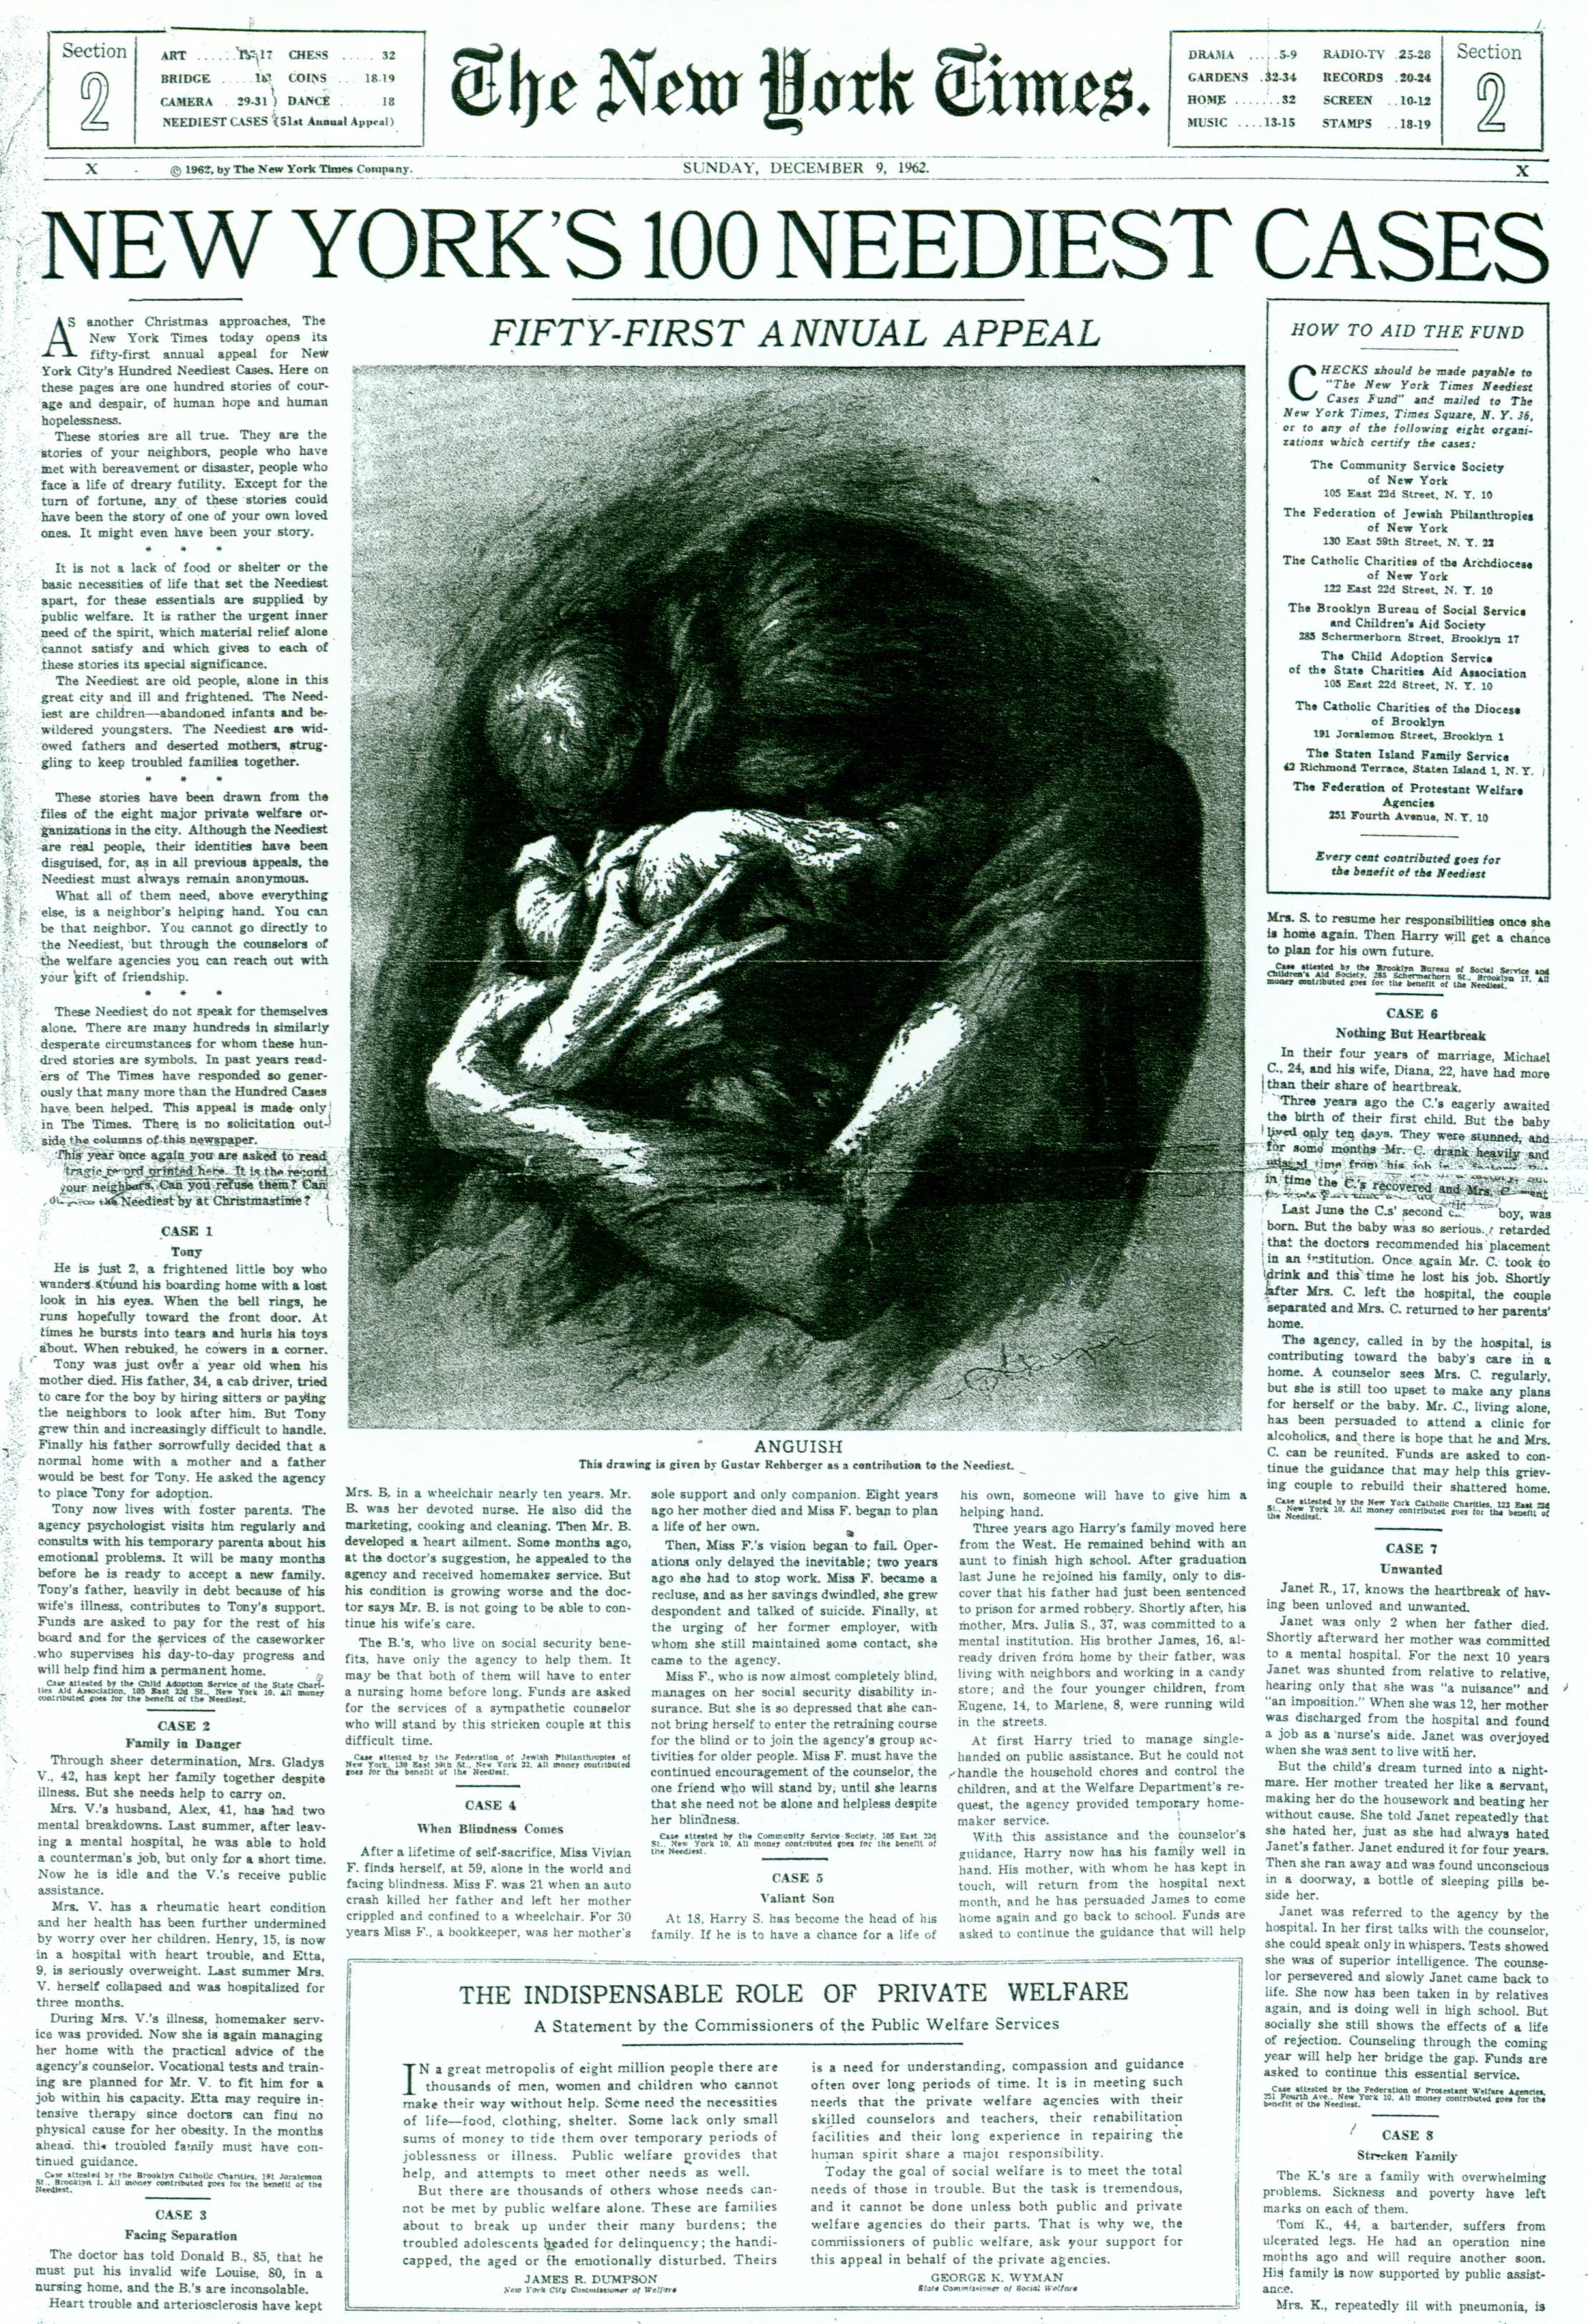 """December 9, 1962 - """"New York's 100 Neediest Cases"""""""